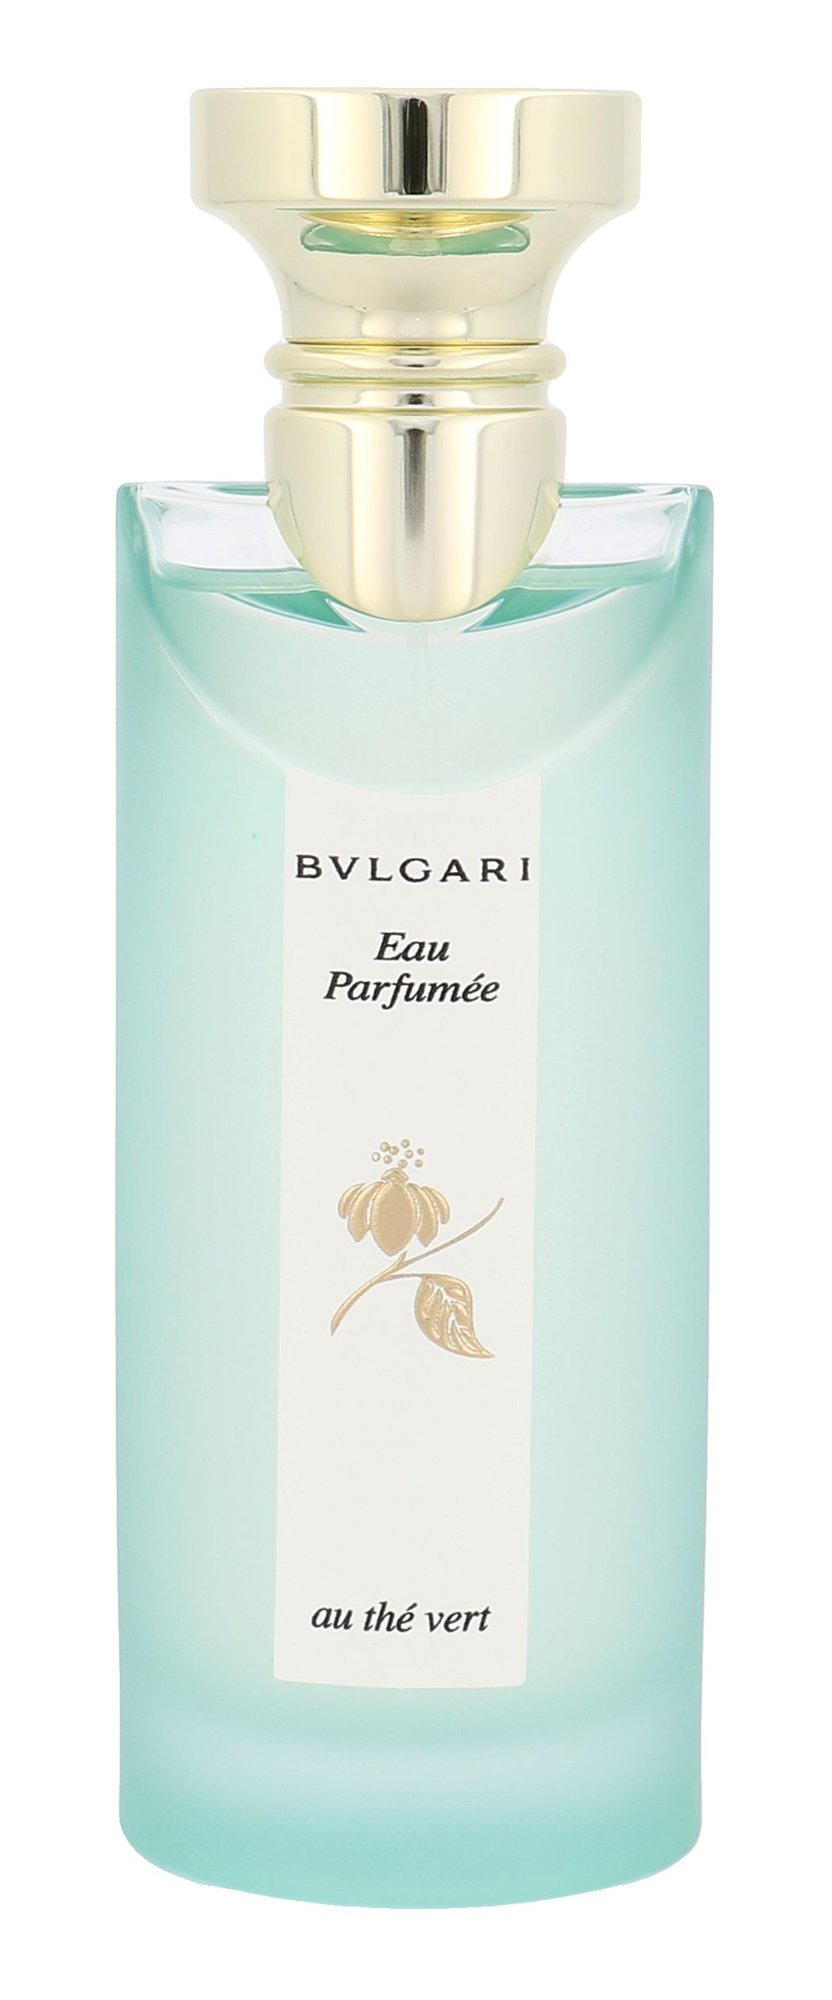 Bvlgari Eau Parfumée au Thé Vert Cologne 75ml